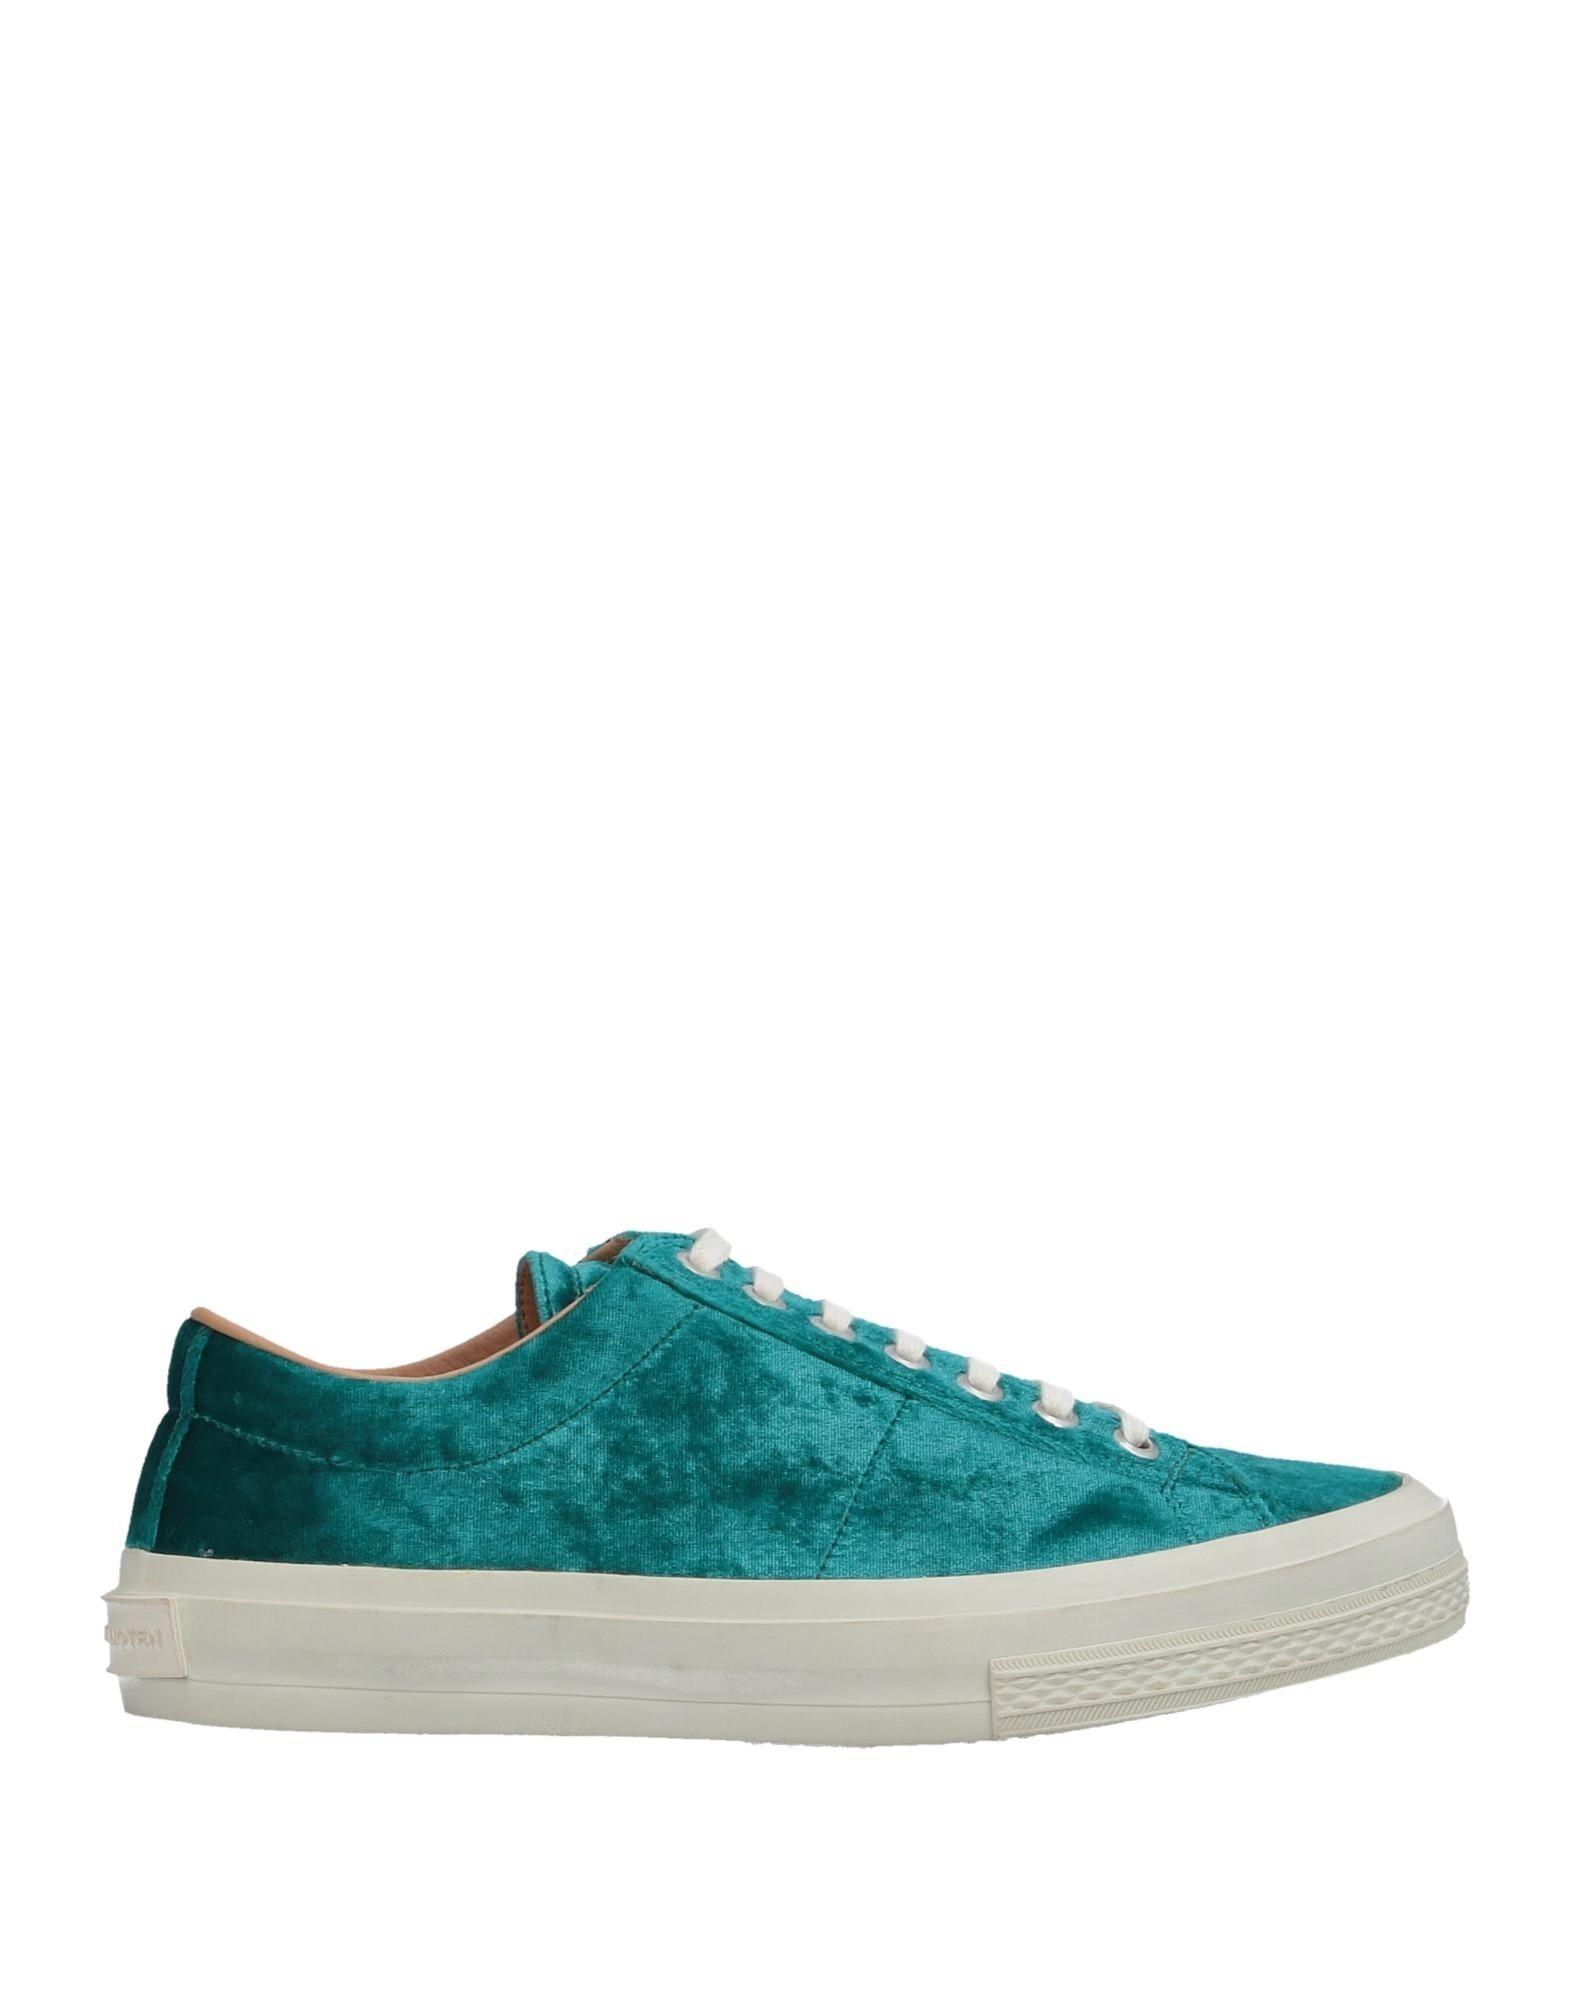 wholesale dealer 8490b e1711 Dries Van Noten Sneakers - Women Dries Dries Dries Van Noten Sneakers  online on Canada - 11509895OP 798084